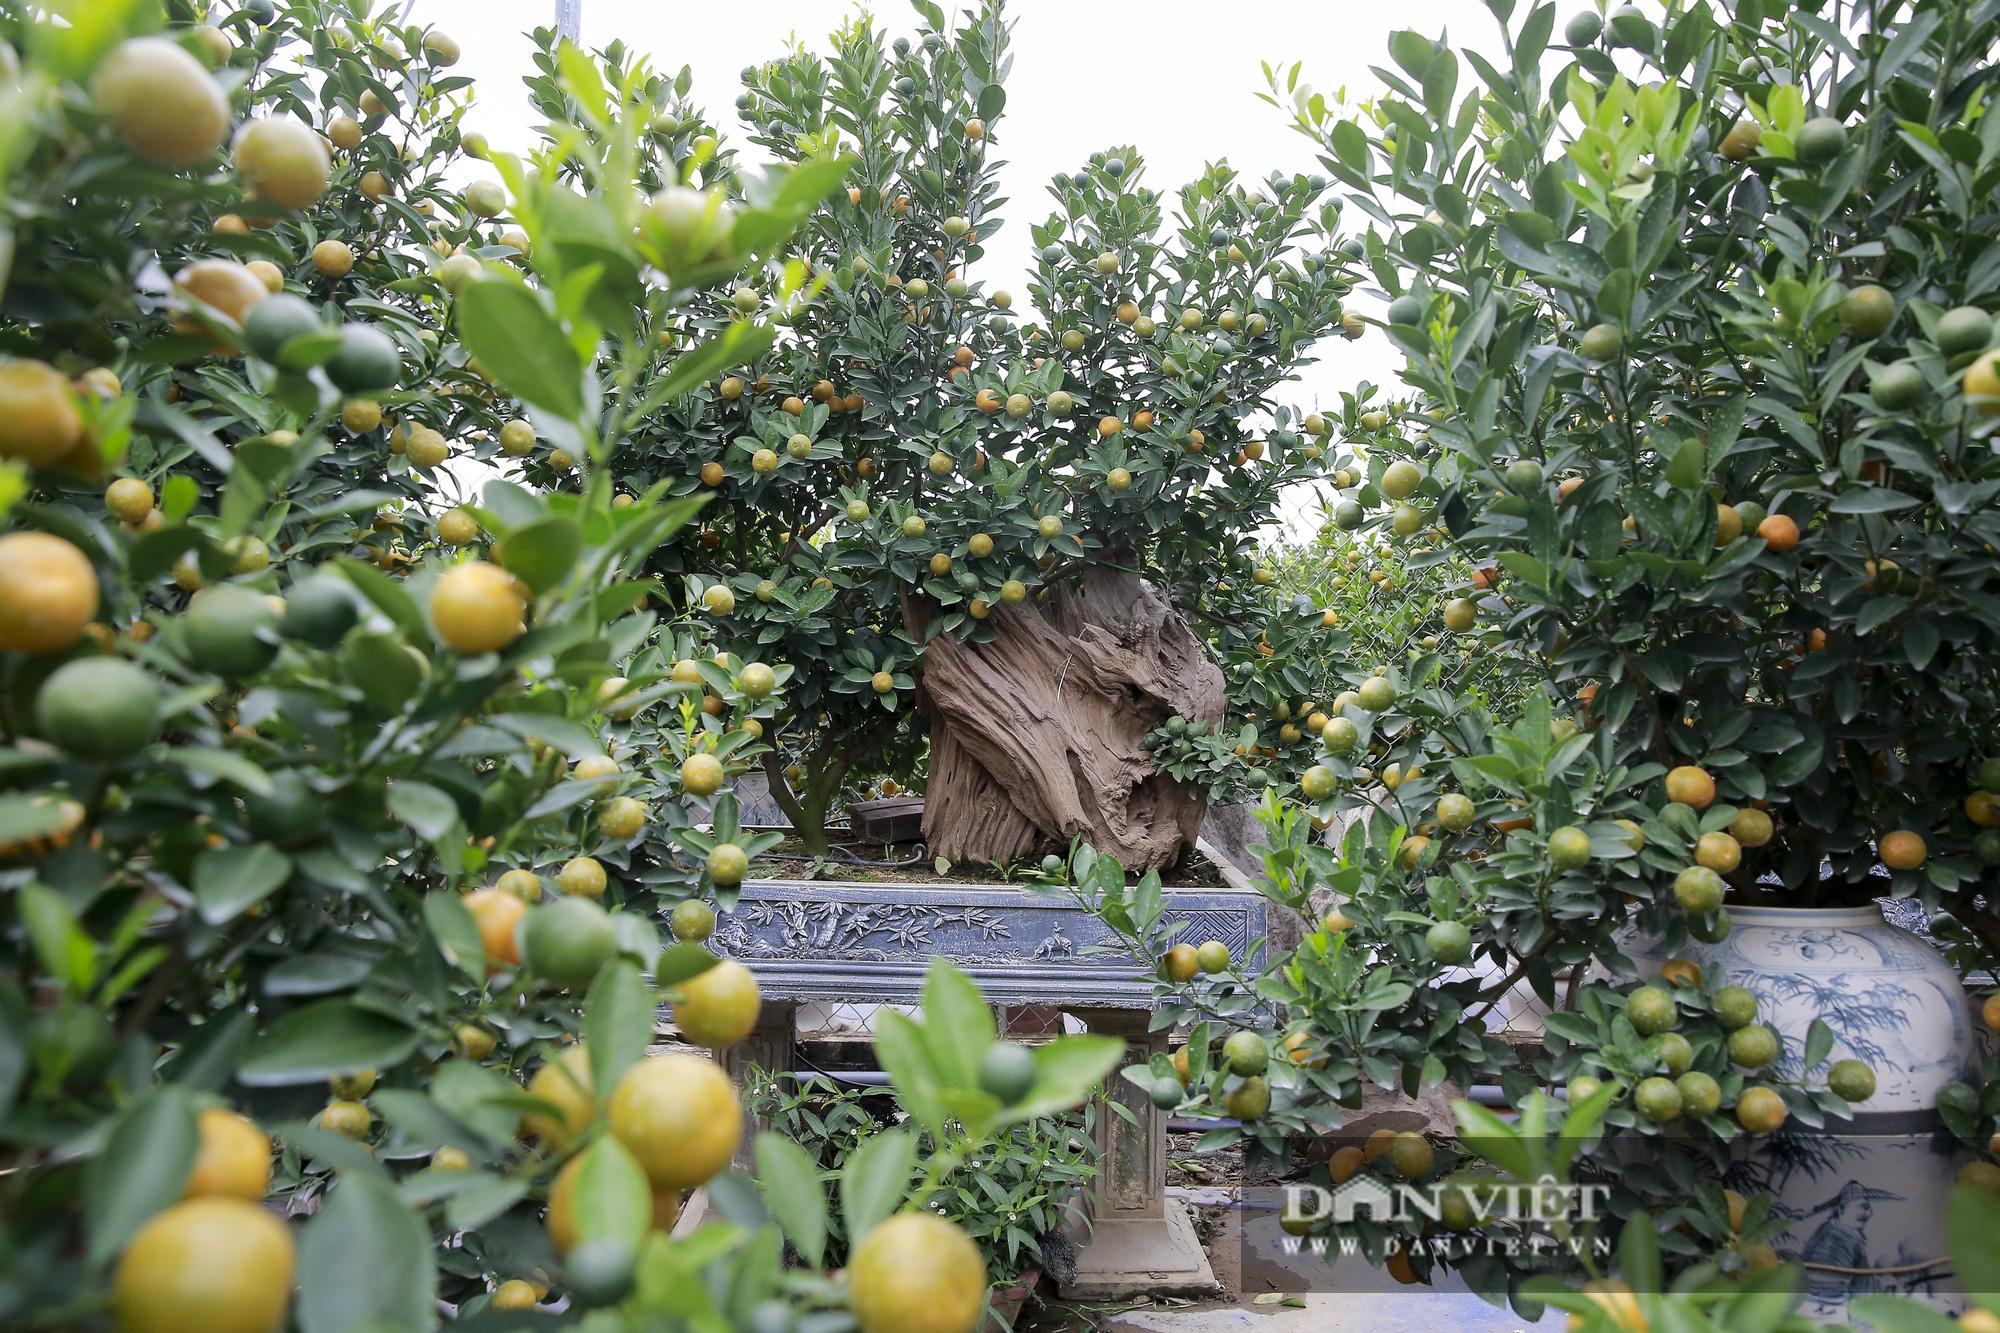 Cực phẩm quất ghép gỗ lũa giá ngàn đô thu hút giới nhà giàu chơi Tết Tân Sửu 2021 - Ảnh 6.